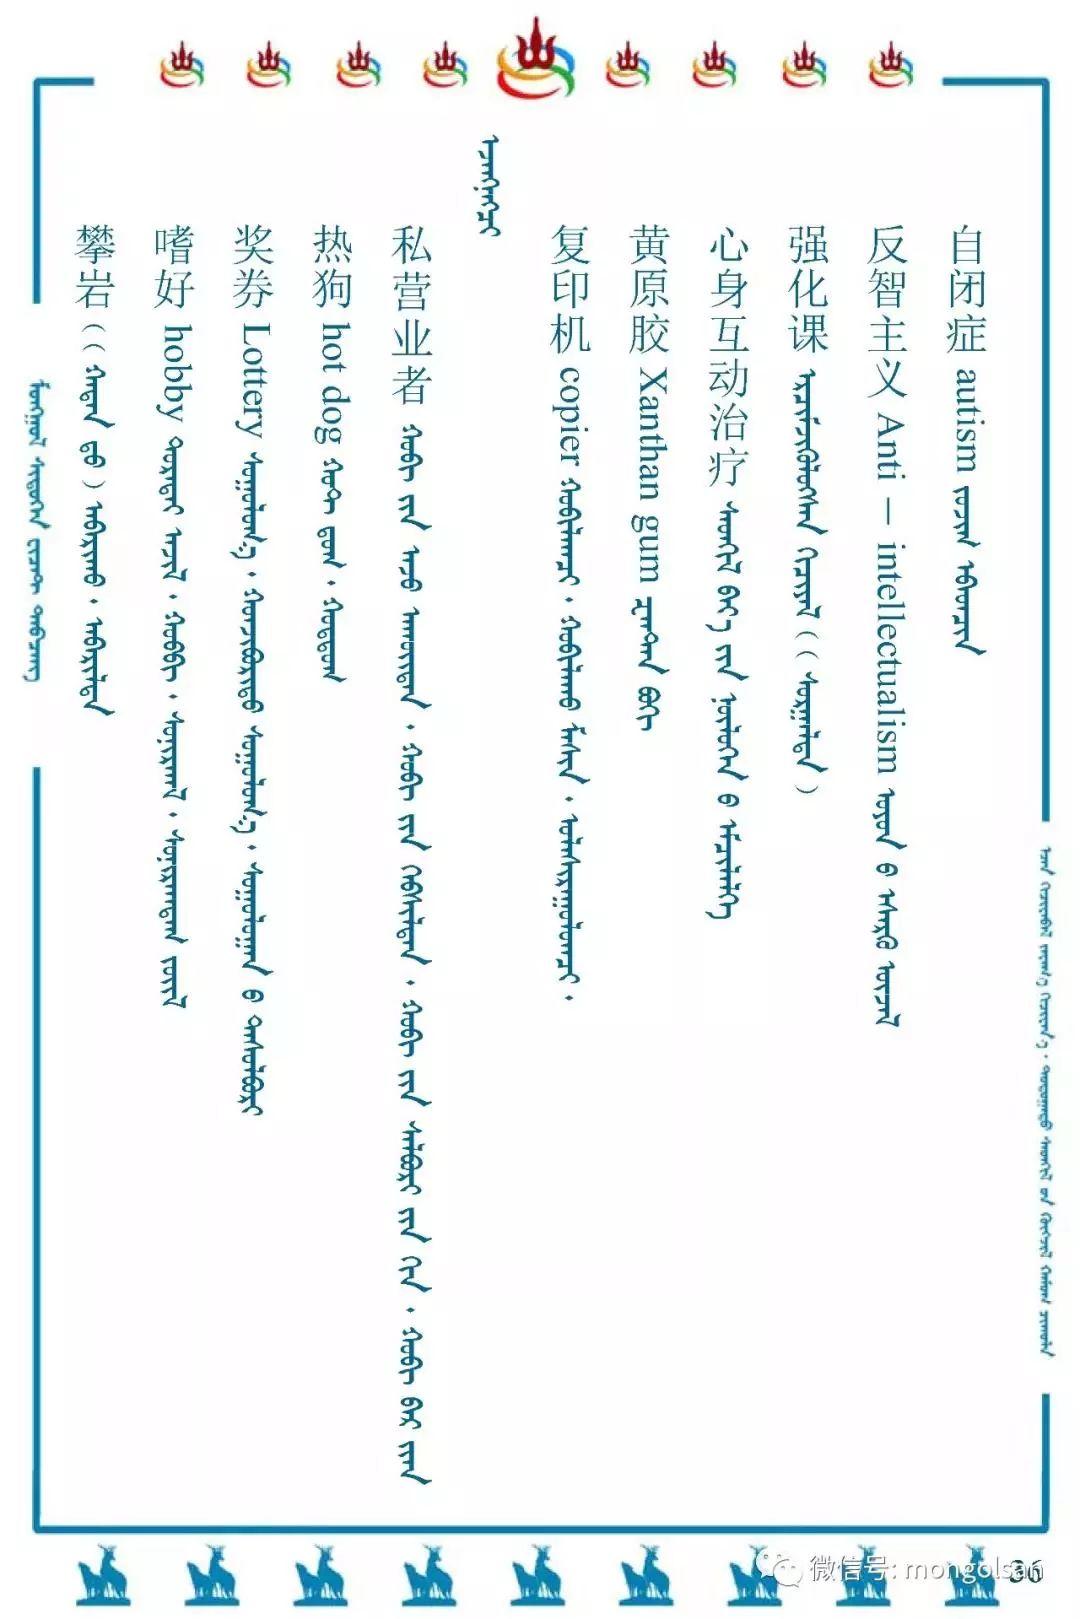 最新名词蒙古语翻译参考 第36张